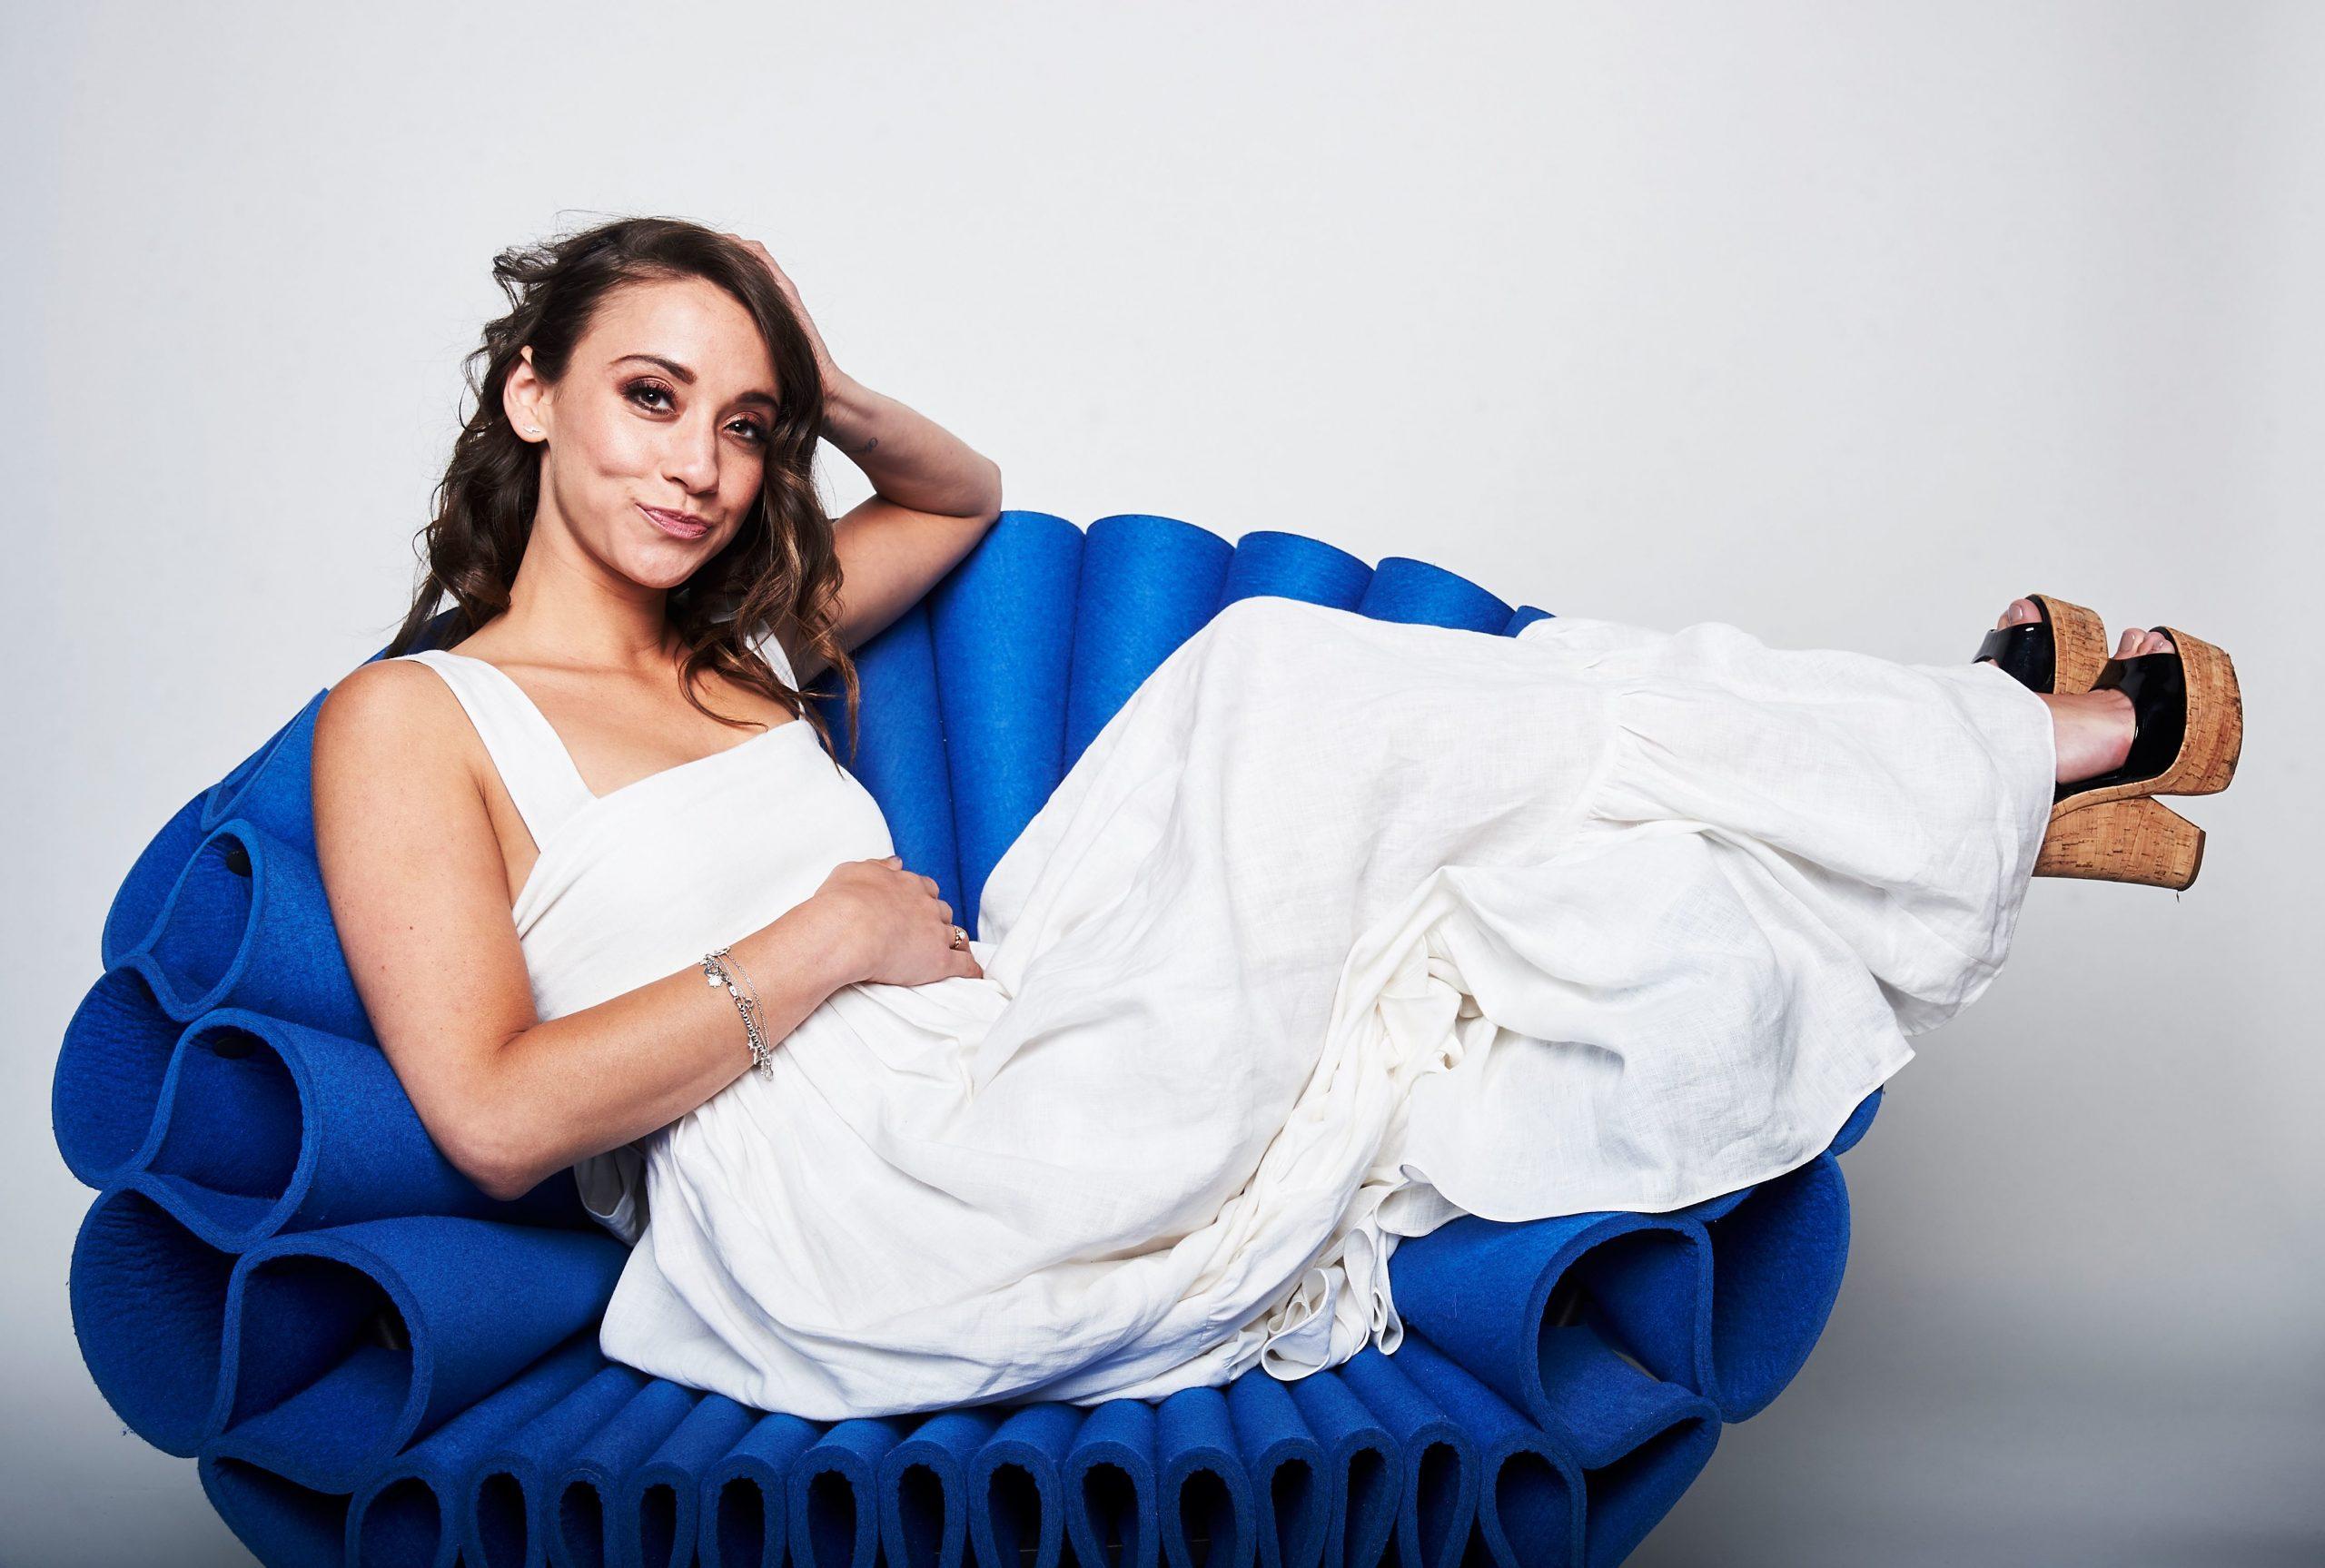 Stella-Maeve-Photoshoot